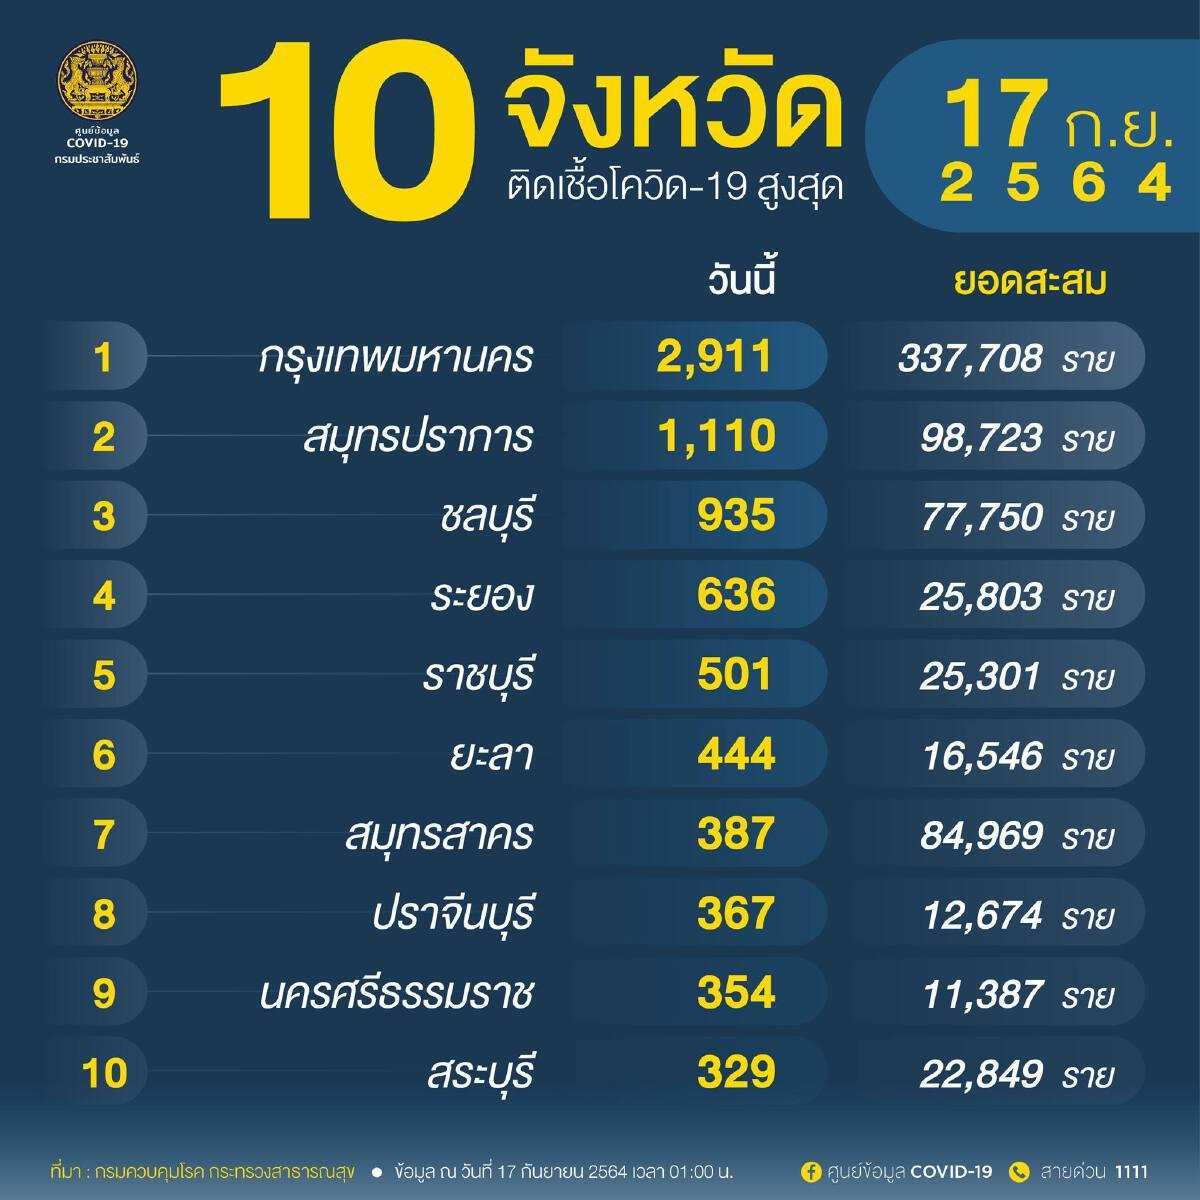 """อัพเดท """"โควิดวันนี้"""" 10 จังหวัดติดเชื้อสูงสุด กทม.-ปริมณฑล 5,039 จับตาสมุทรปราการ ชลบุรี ระยอง"""